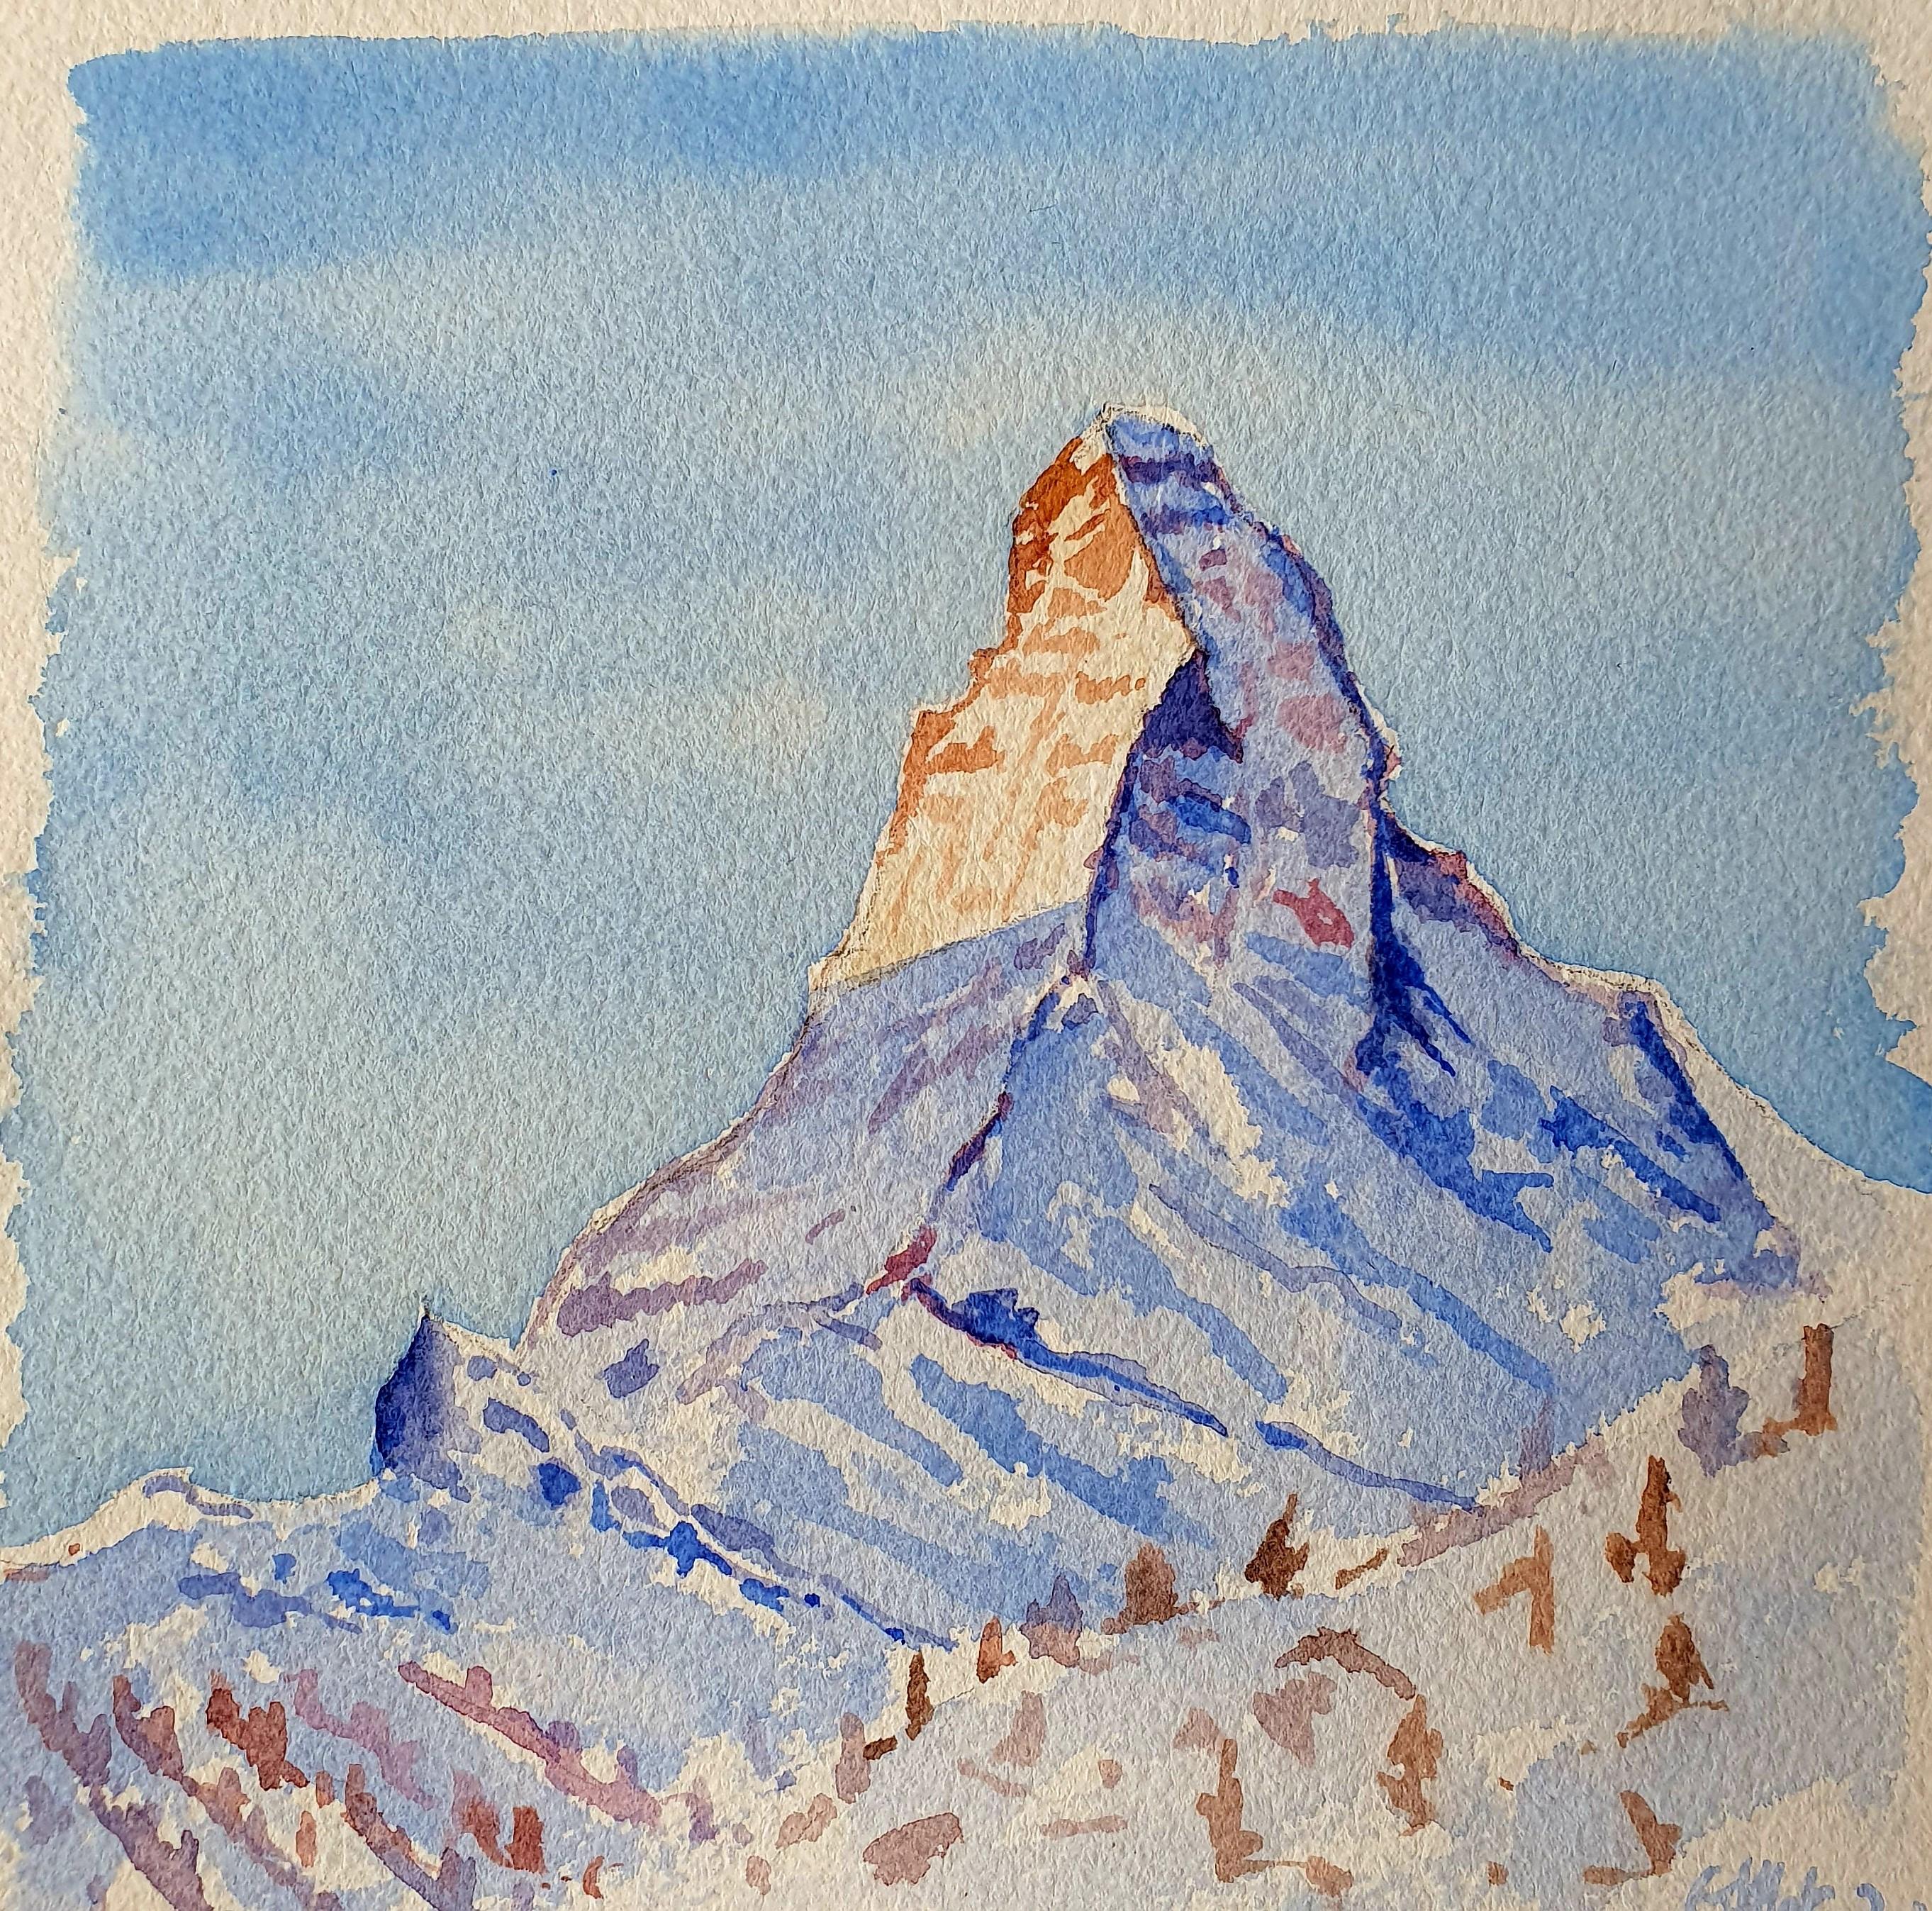 2021, Zermatt, Matterhorn